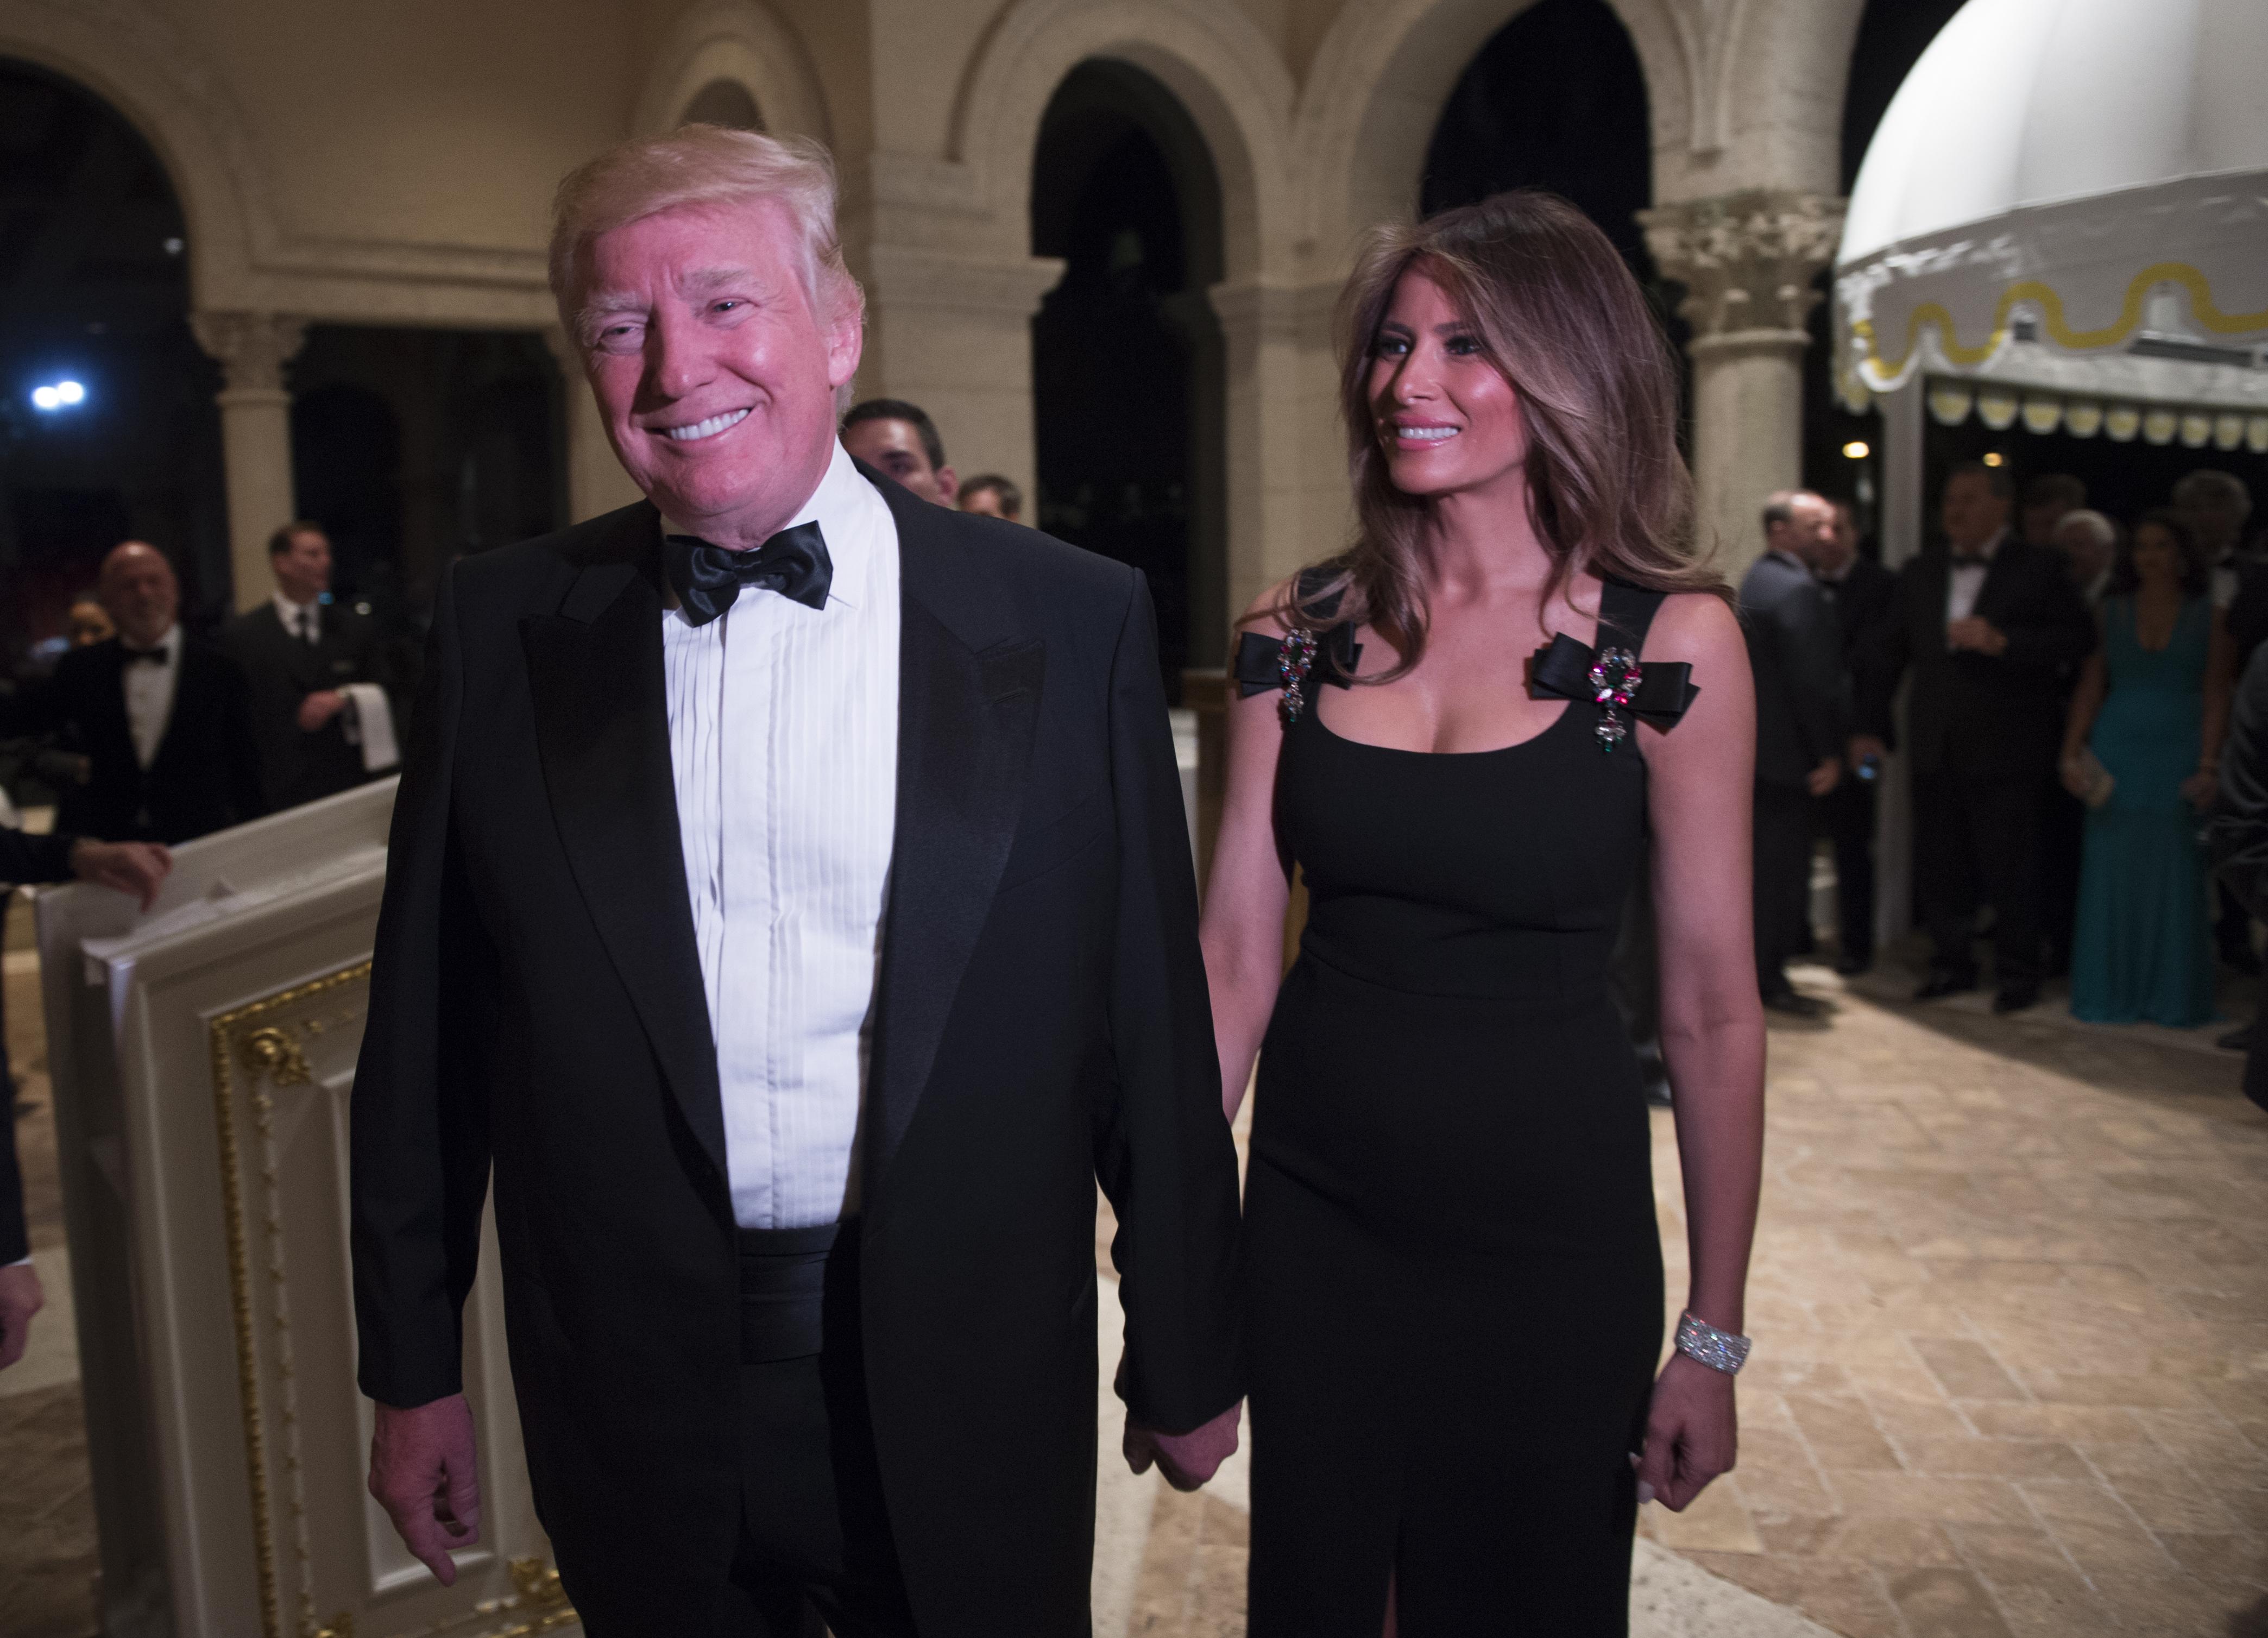 الرئيس المنتخب دونالد ترامب مع زوجته ميلانيا